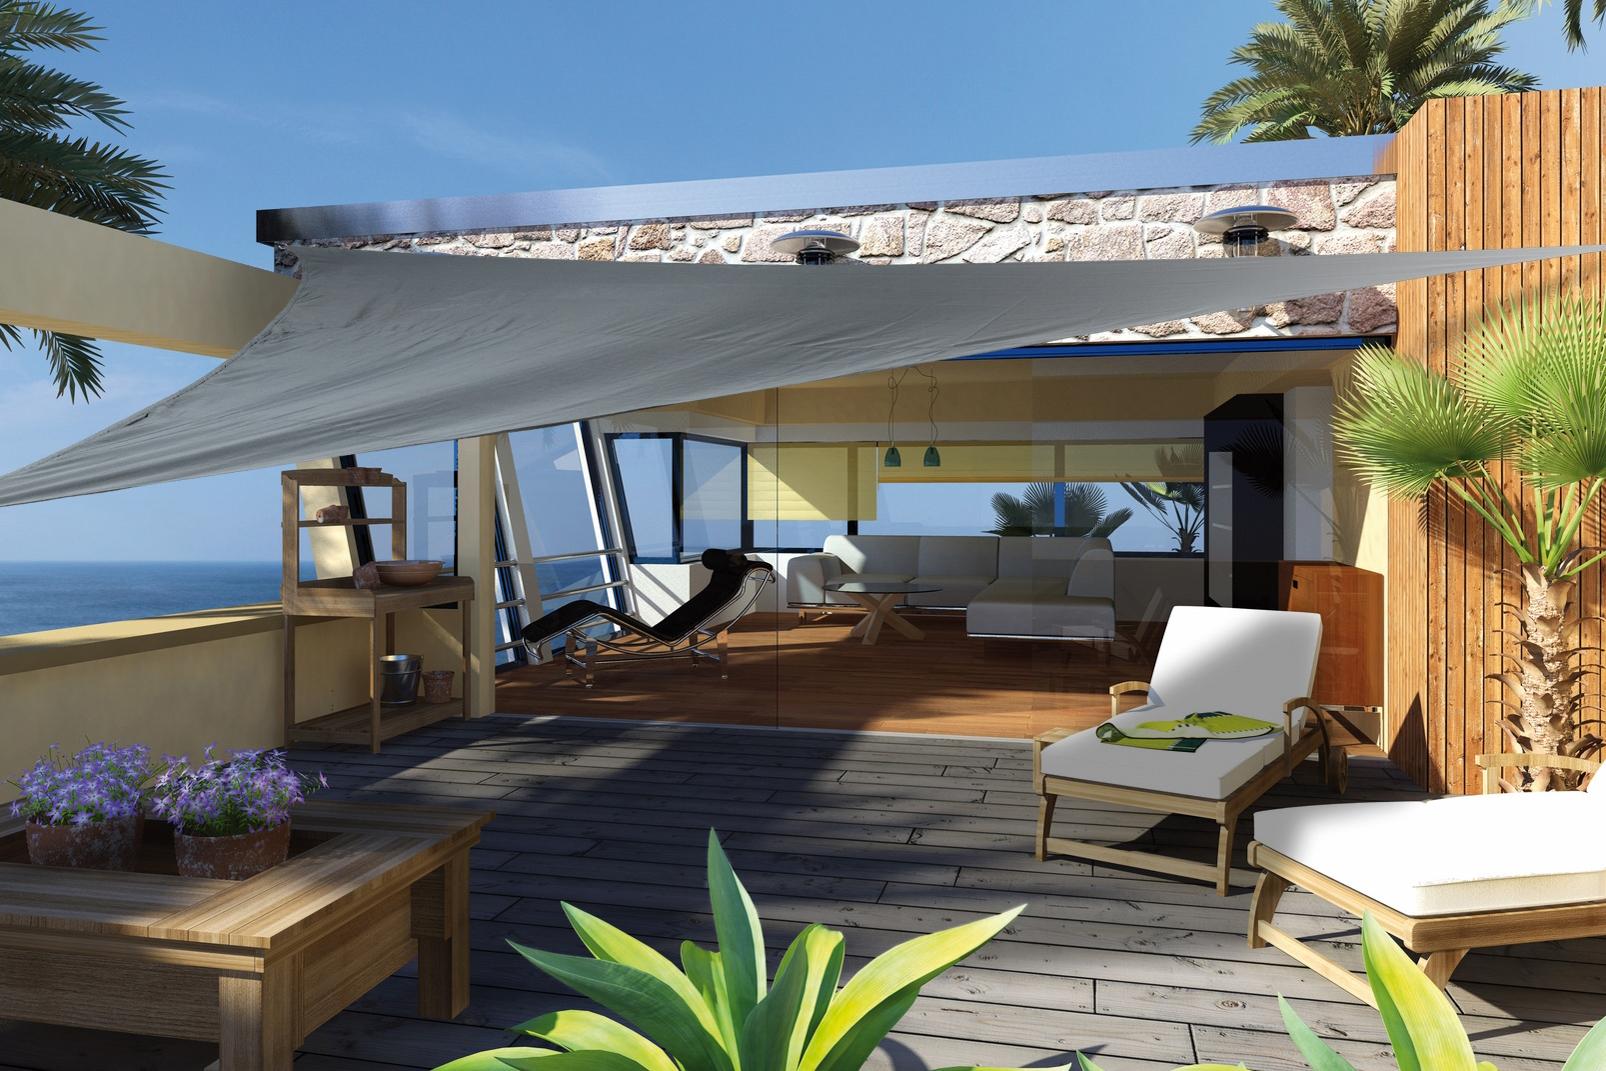 Full Size of Sonnenschutz Trampolin Sonnensegel Garten Fenster Innen Für Sonnenschutzfolie Außen Wohnzimmer Sonnenschutz Trampolin